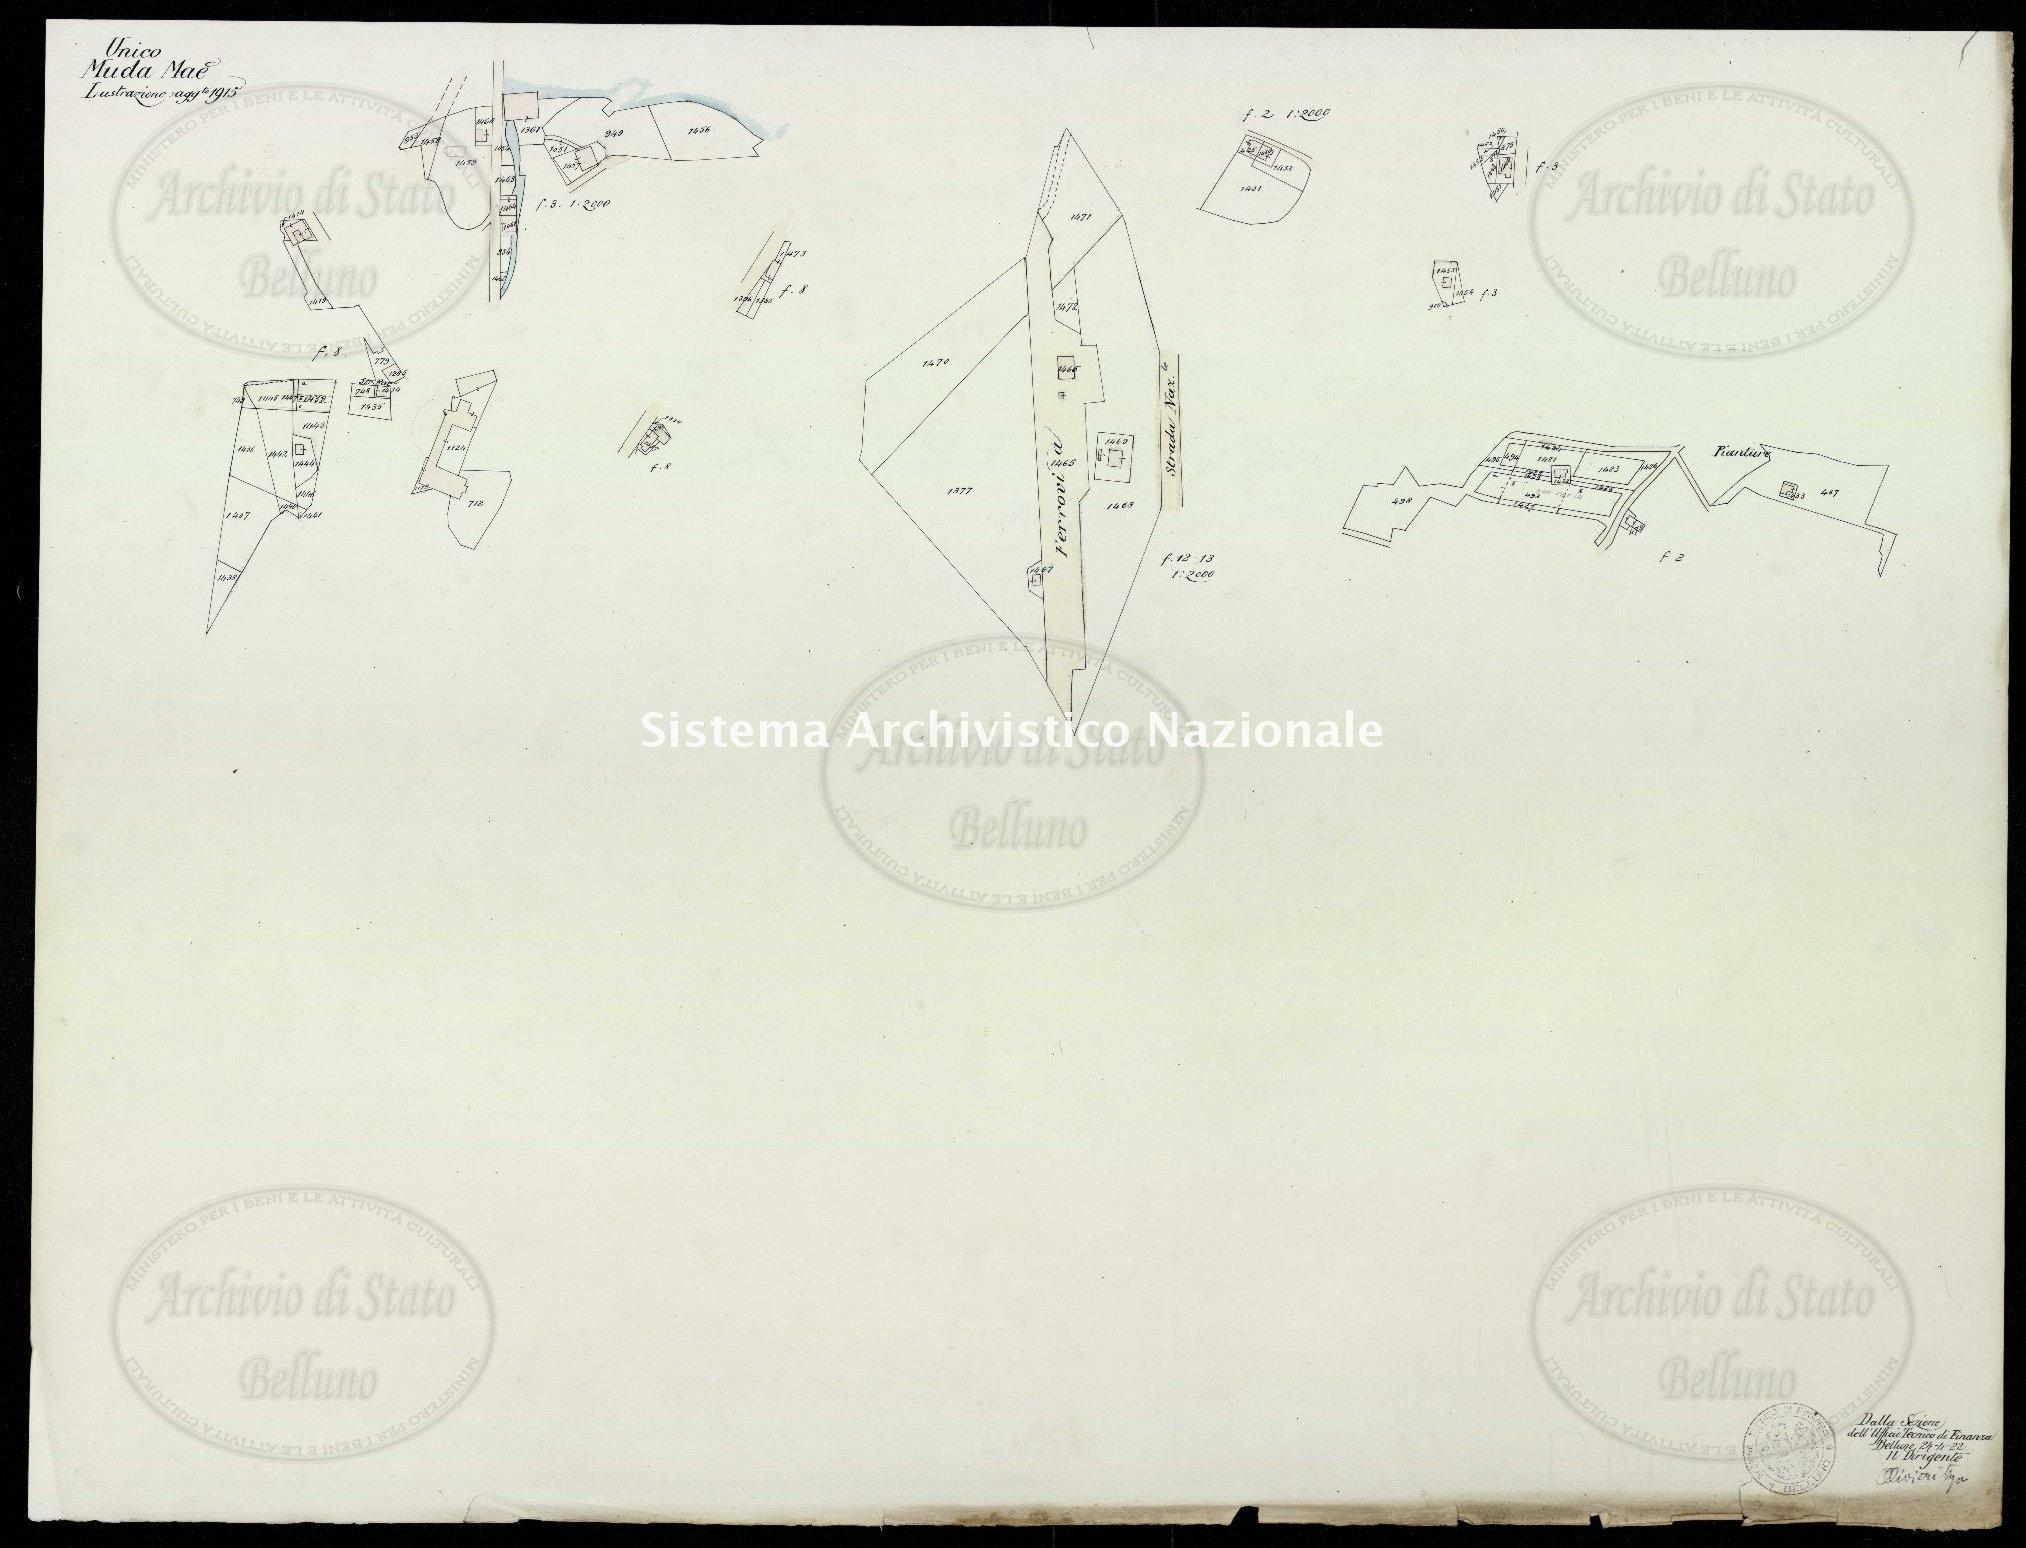 Archivio di Stato di Belluno, Censo stabile attivato, Mappe, Mappe I conservazione, Comune Censuario 083 Muda Maè